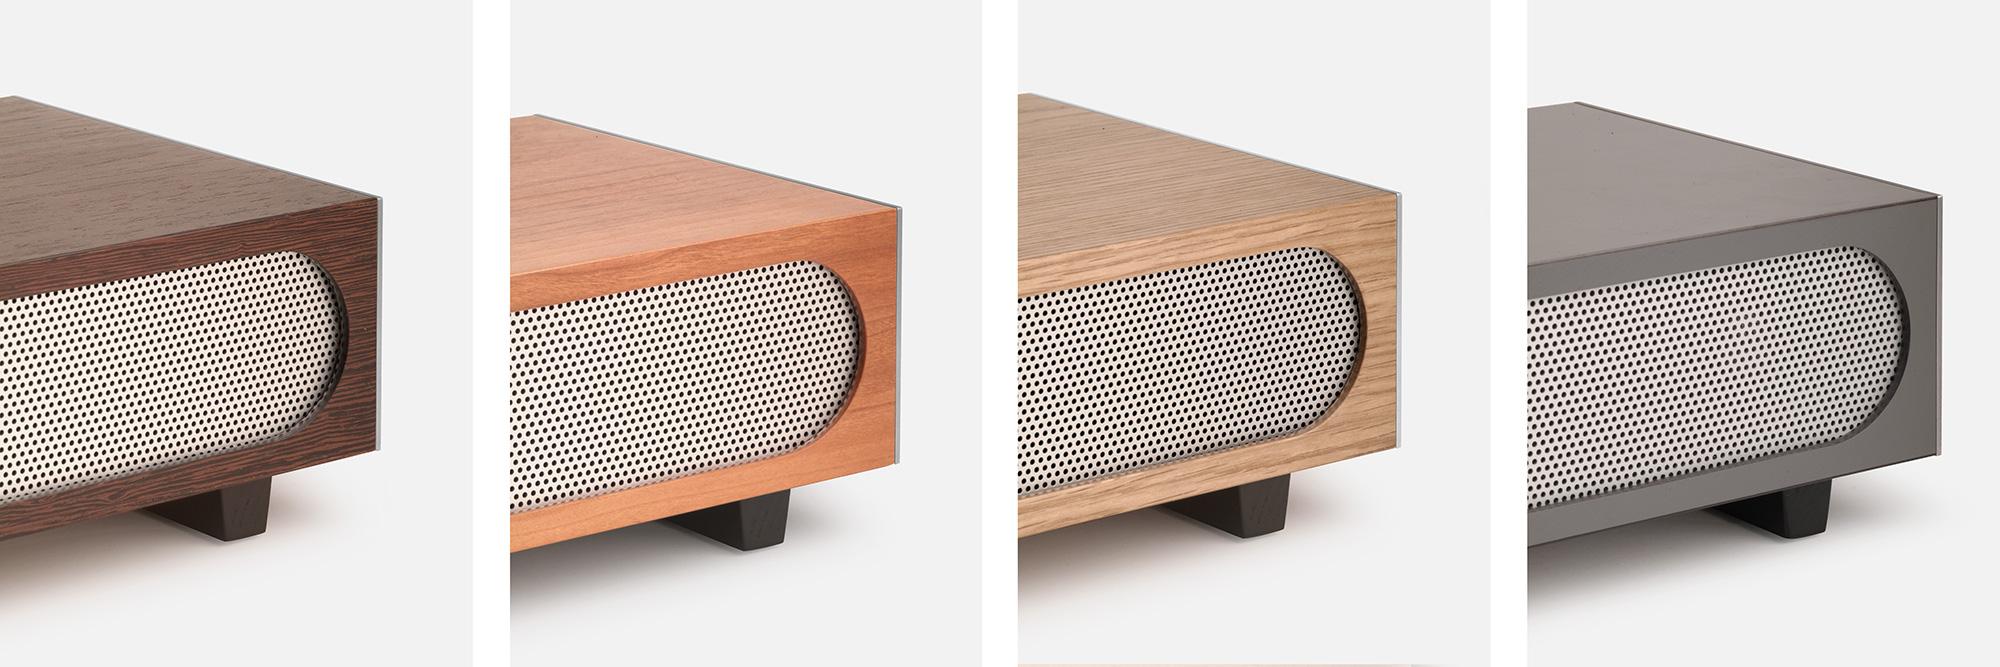 Lautsprecher-radio-sonos-fotos-neu-berlin-innovation